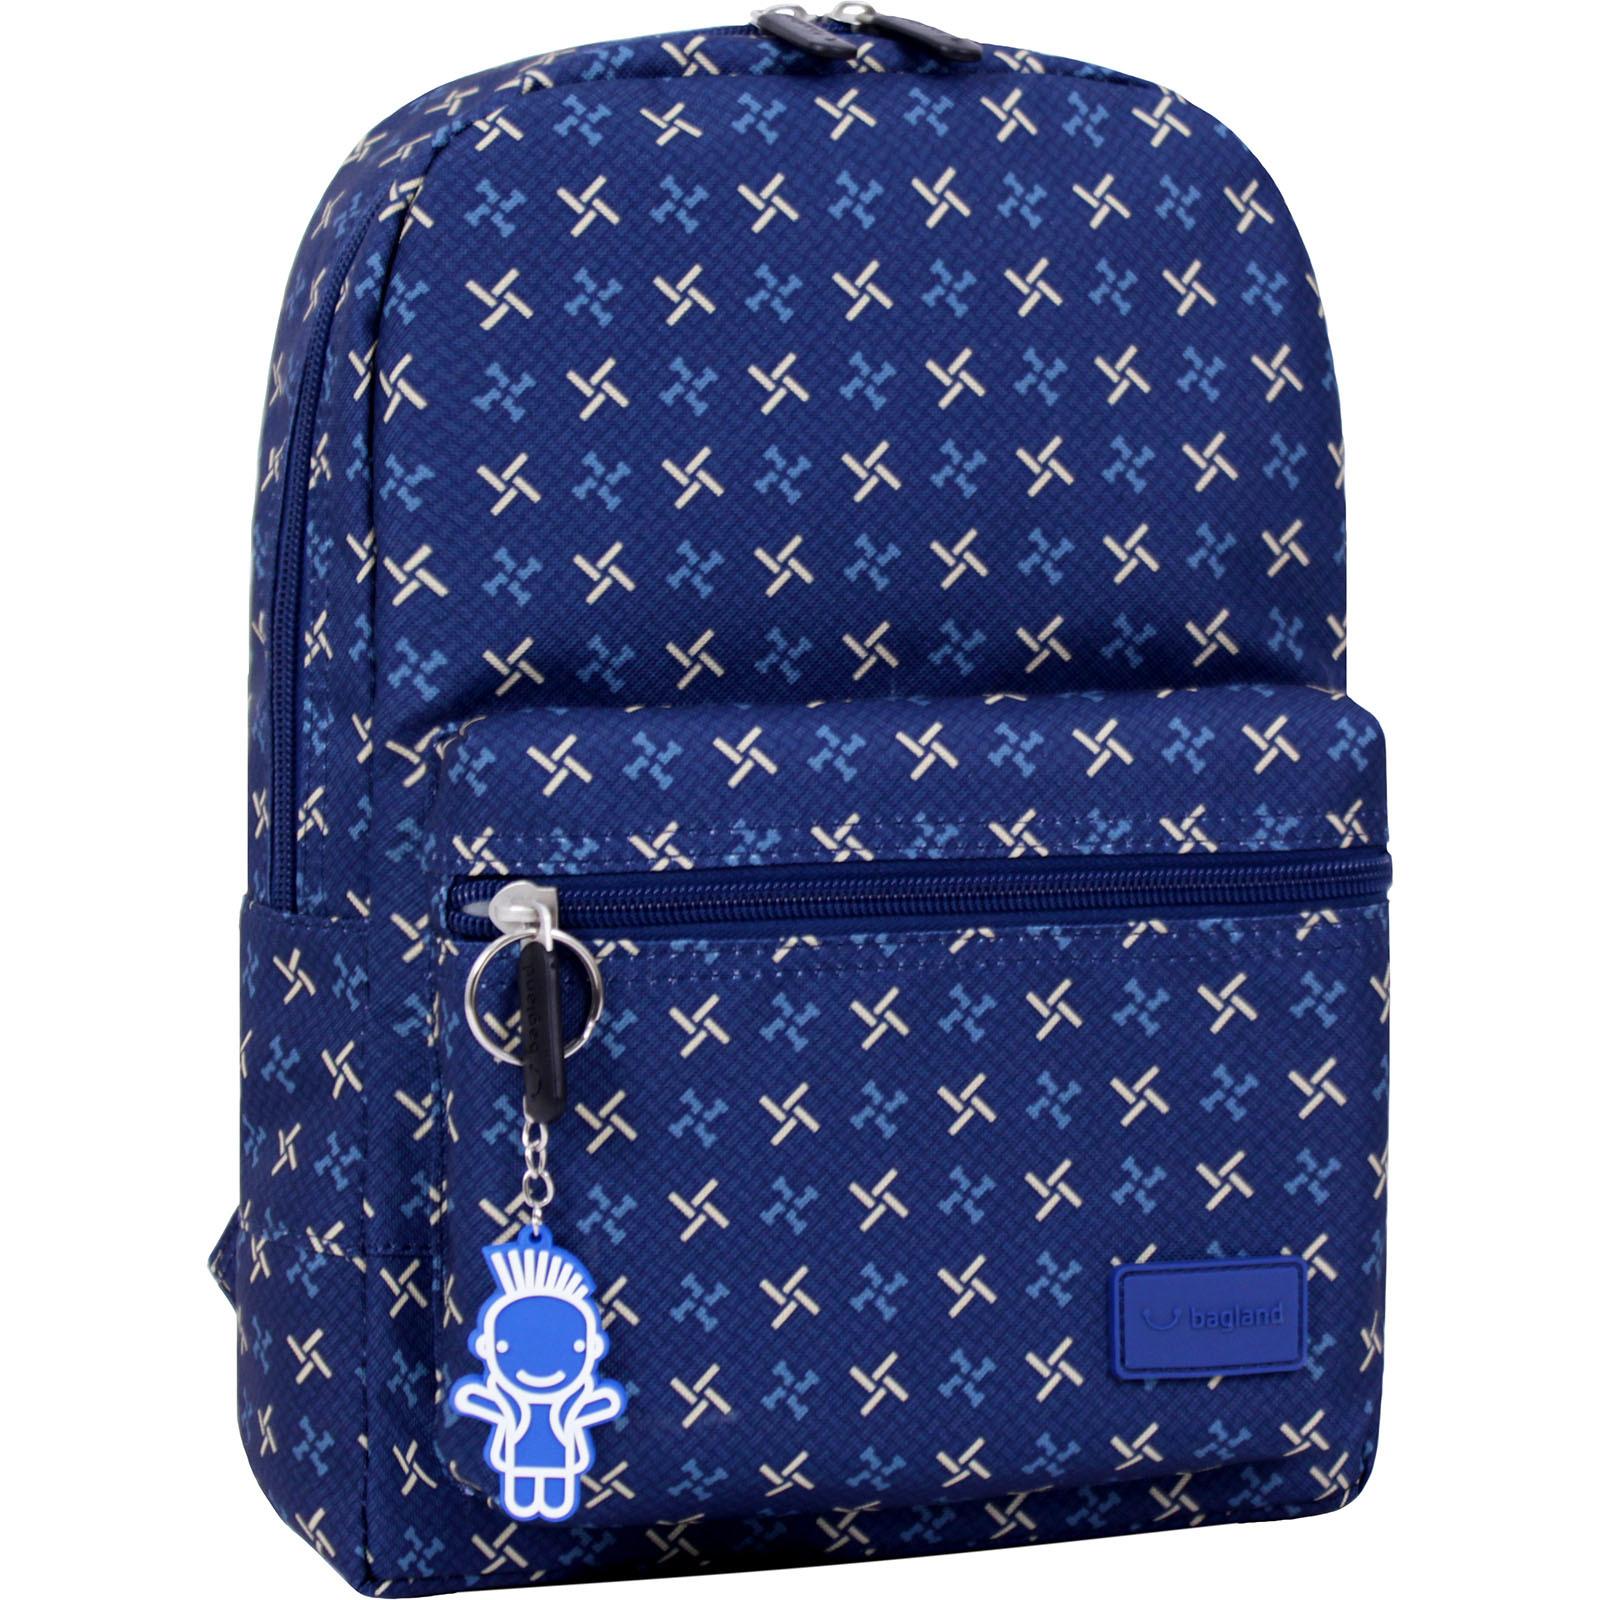 Детские рюкзаки Рюкзак Bagland Молодежный mini 8 л. сублимация (463) (00508664) IMG_3673_суб.463_.JPG